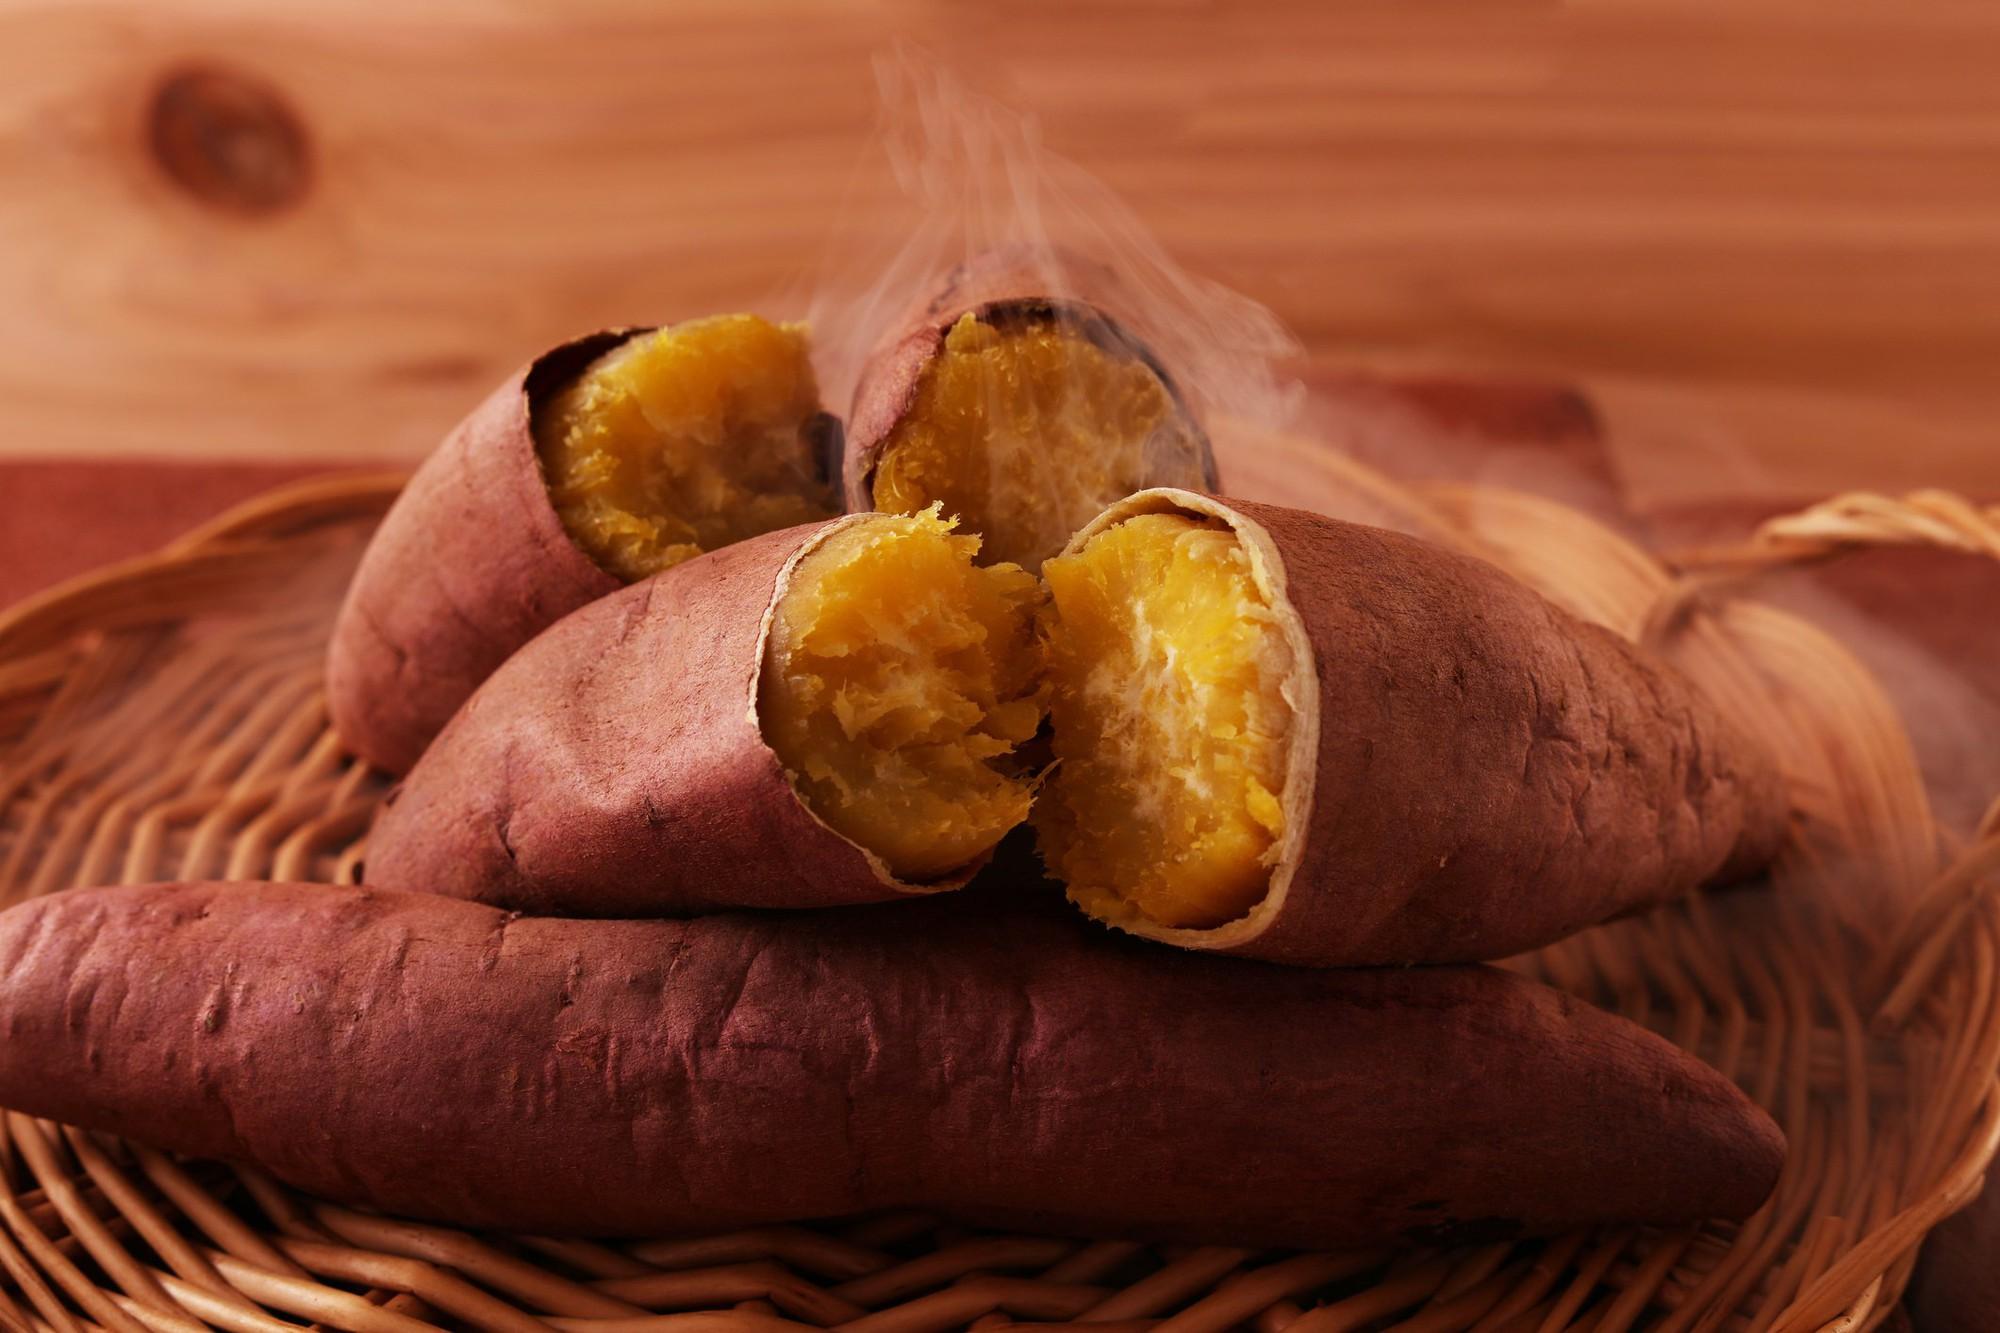 6.Biến tấu muôn vạn món ăn ngon với khoai lang1